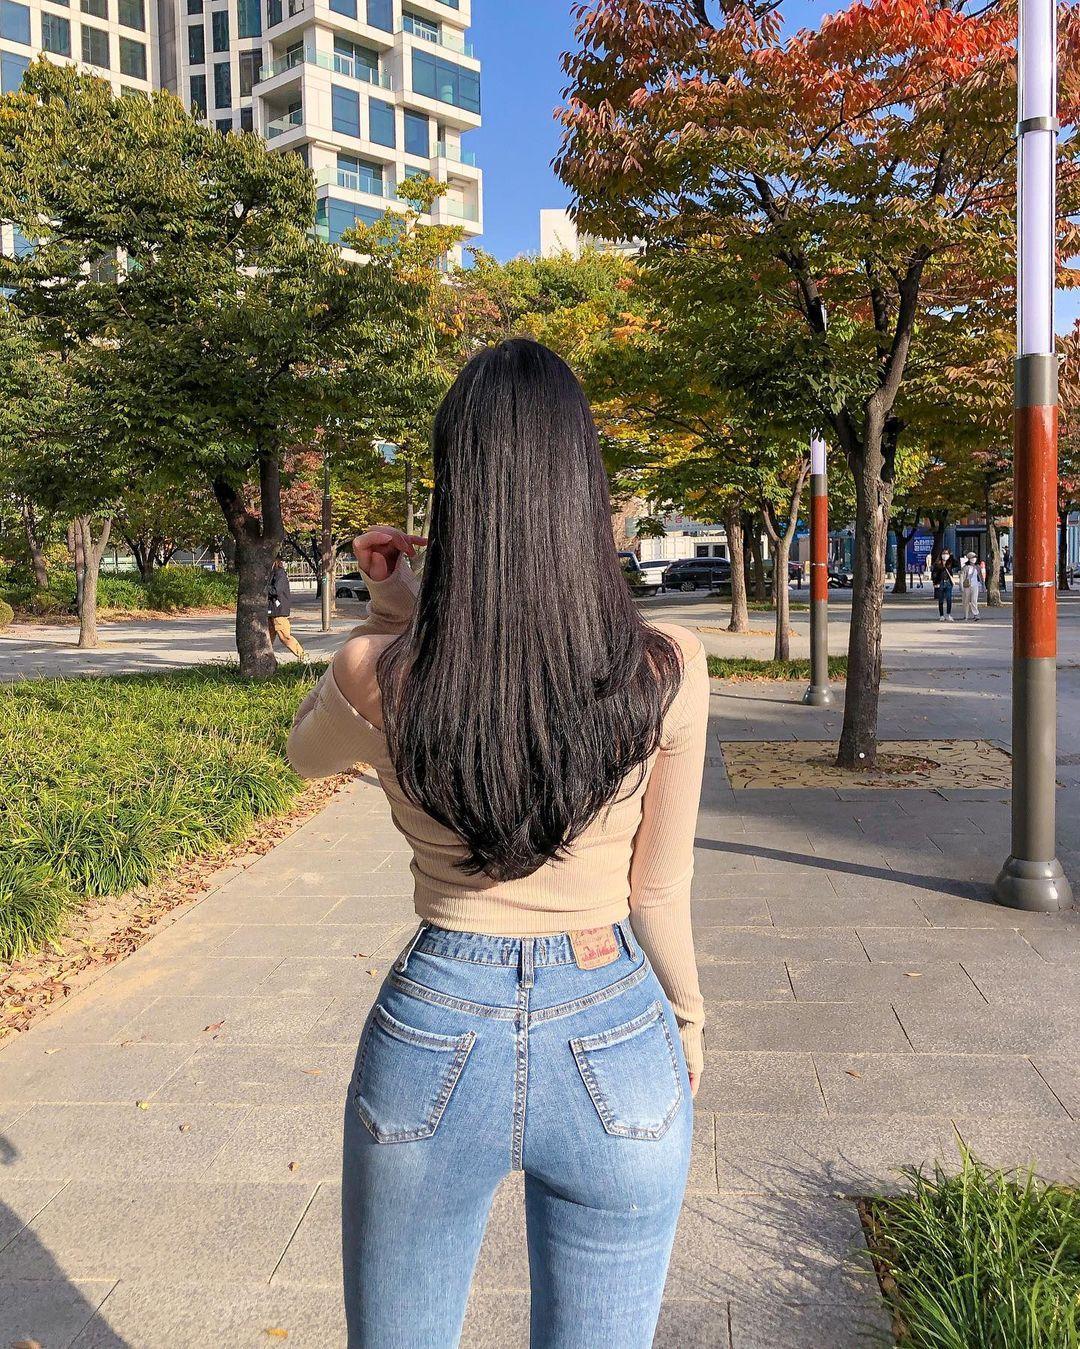 清凉穿着自己卖 [韩国泳衣阙娘Yebin]亲自试穿性感度满点 养眼图片 第28张